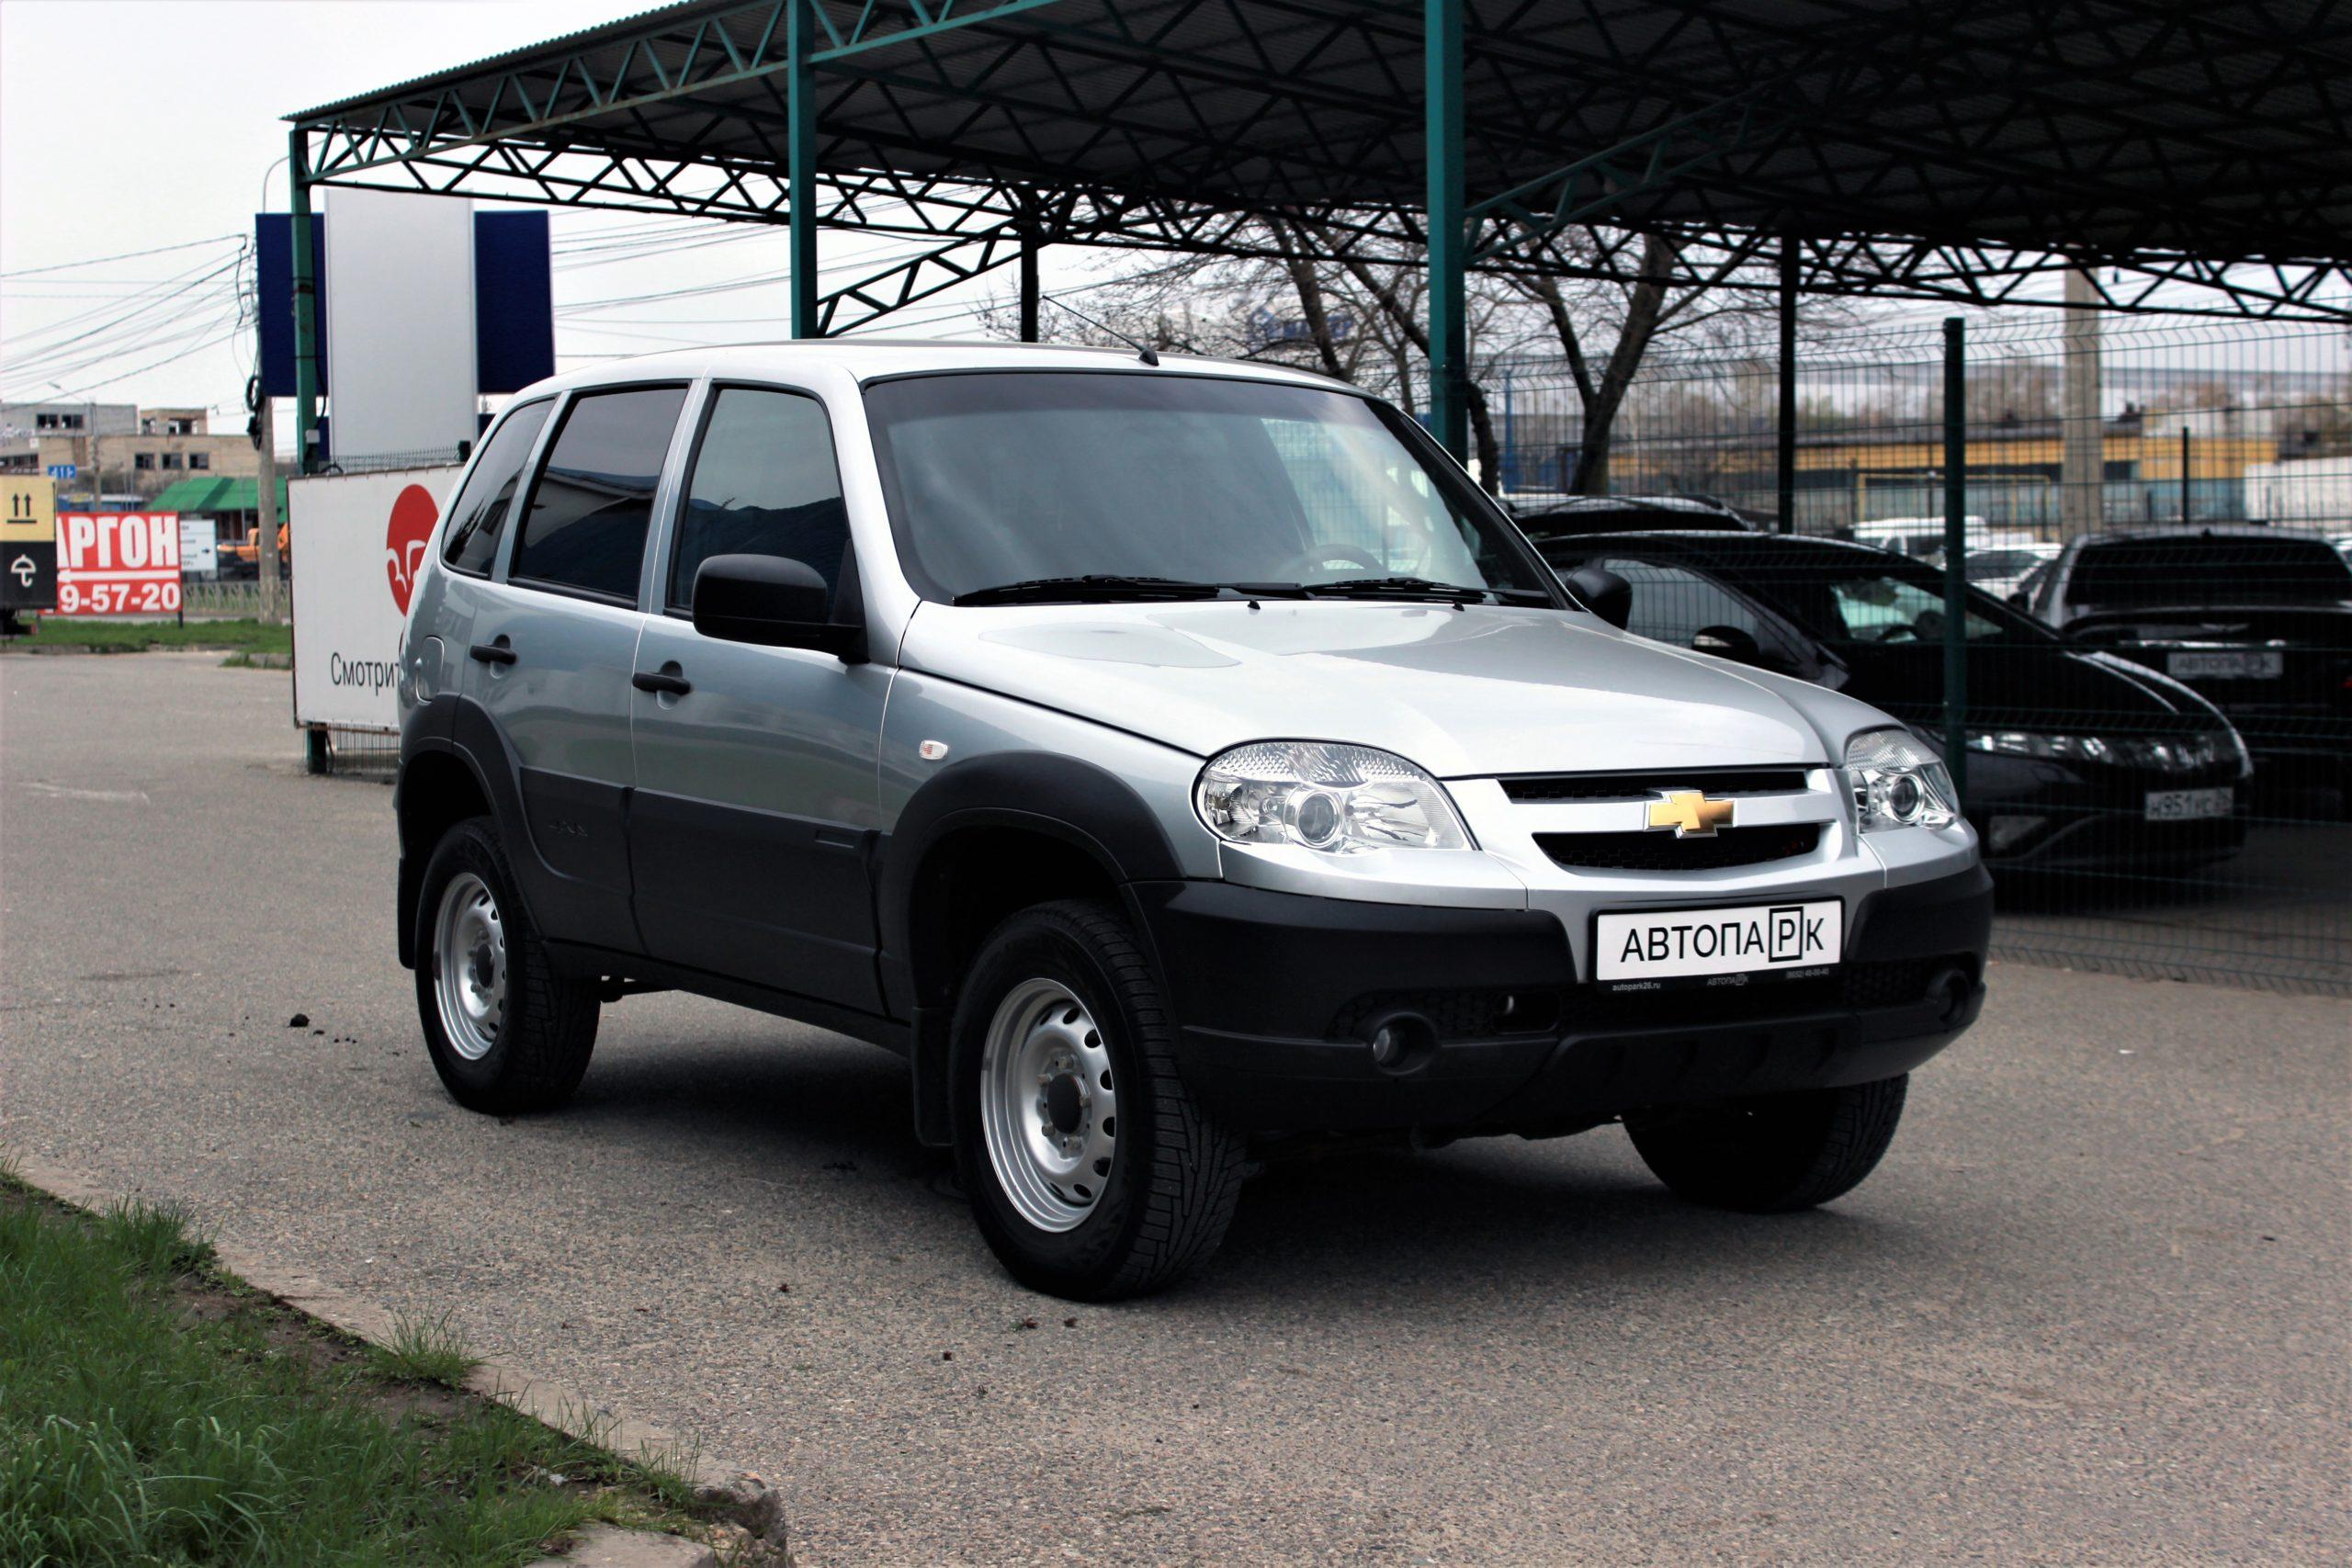 Купить Chevrolet Niva (Светло-серебристый металлик) - Автопарк Ставрополь